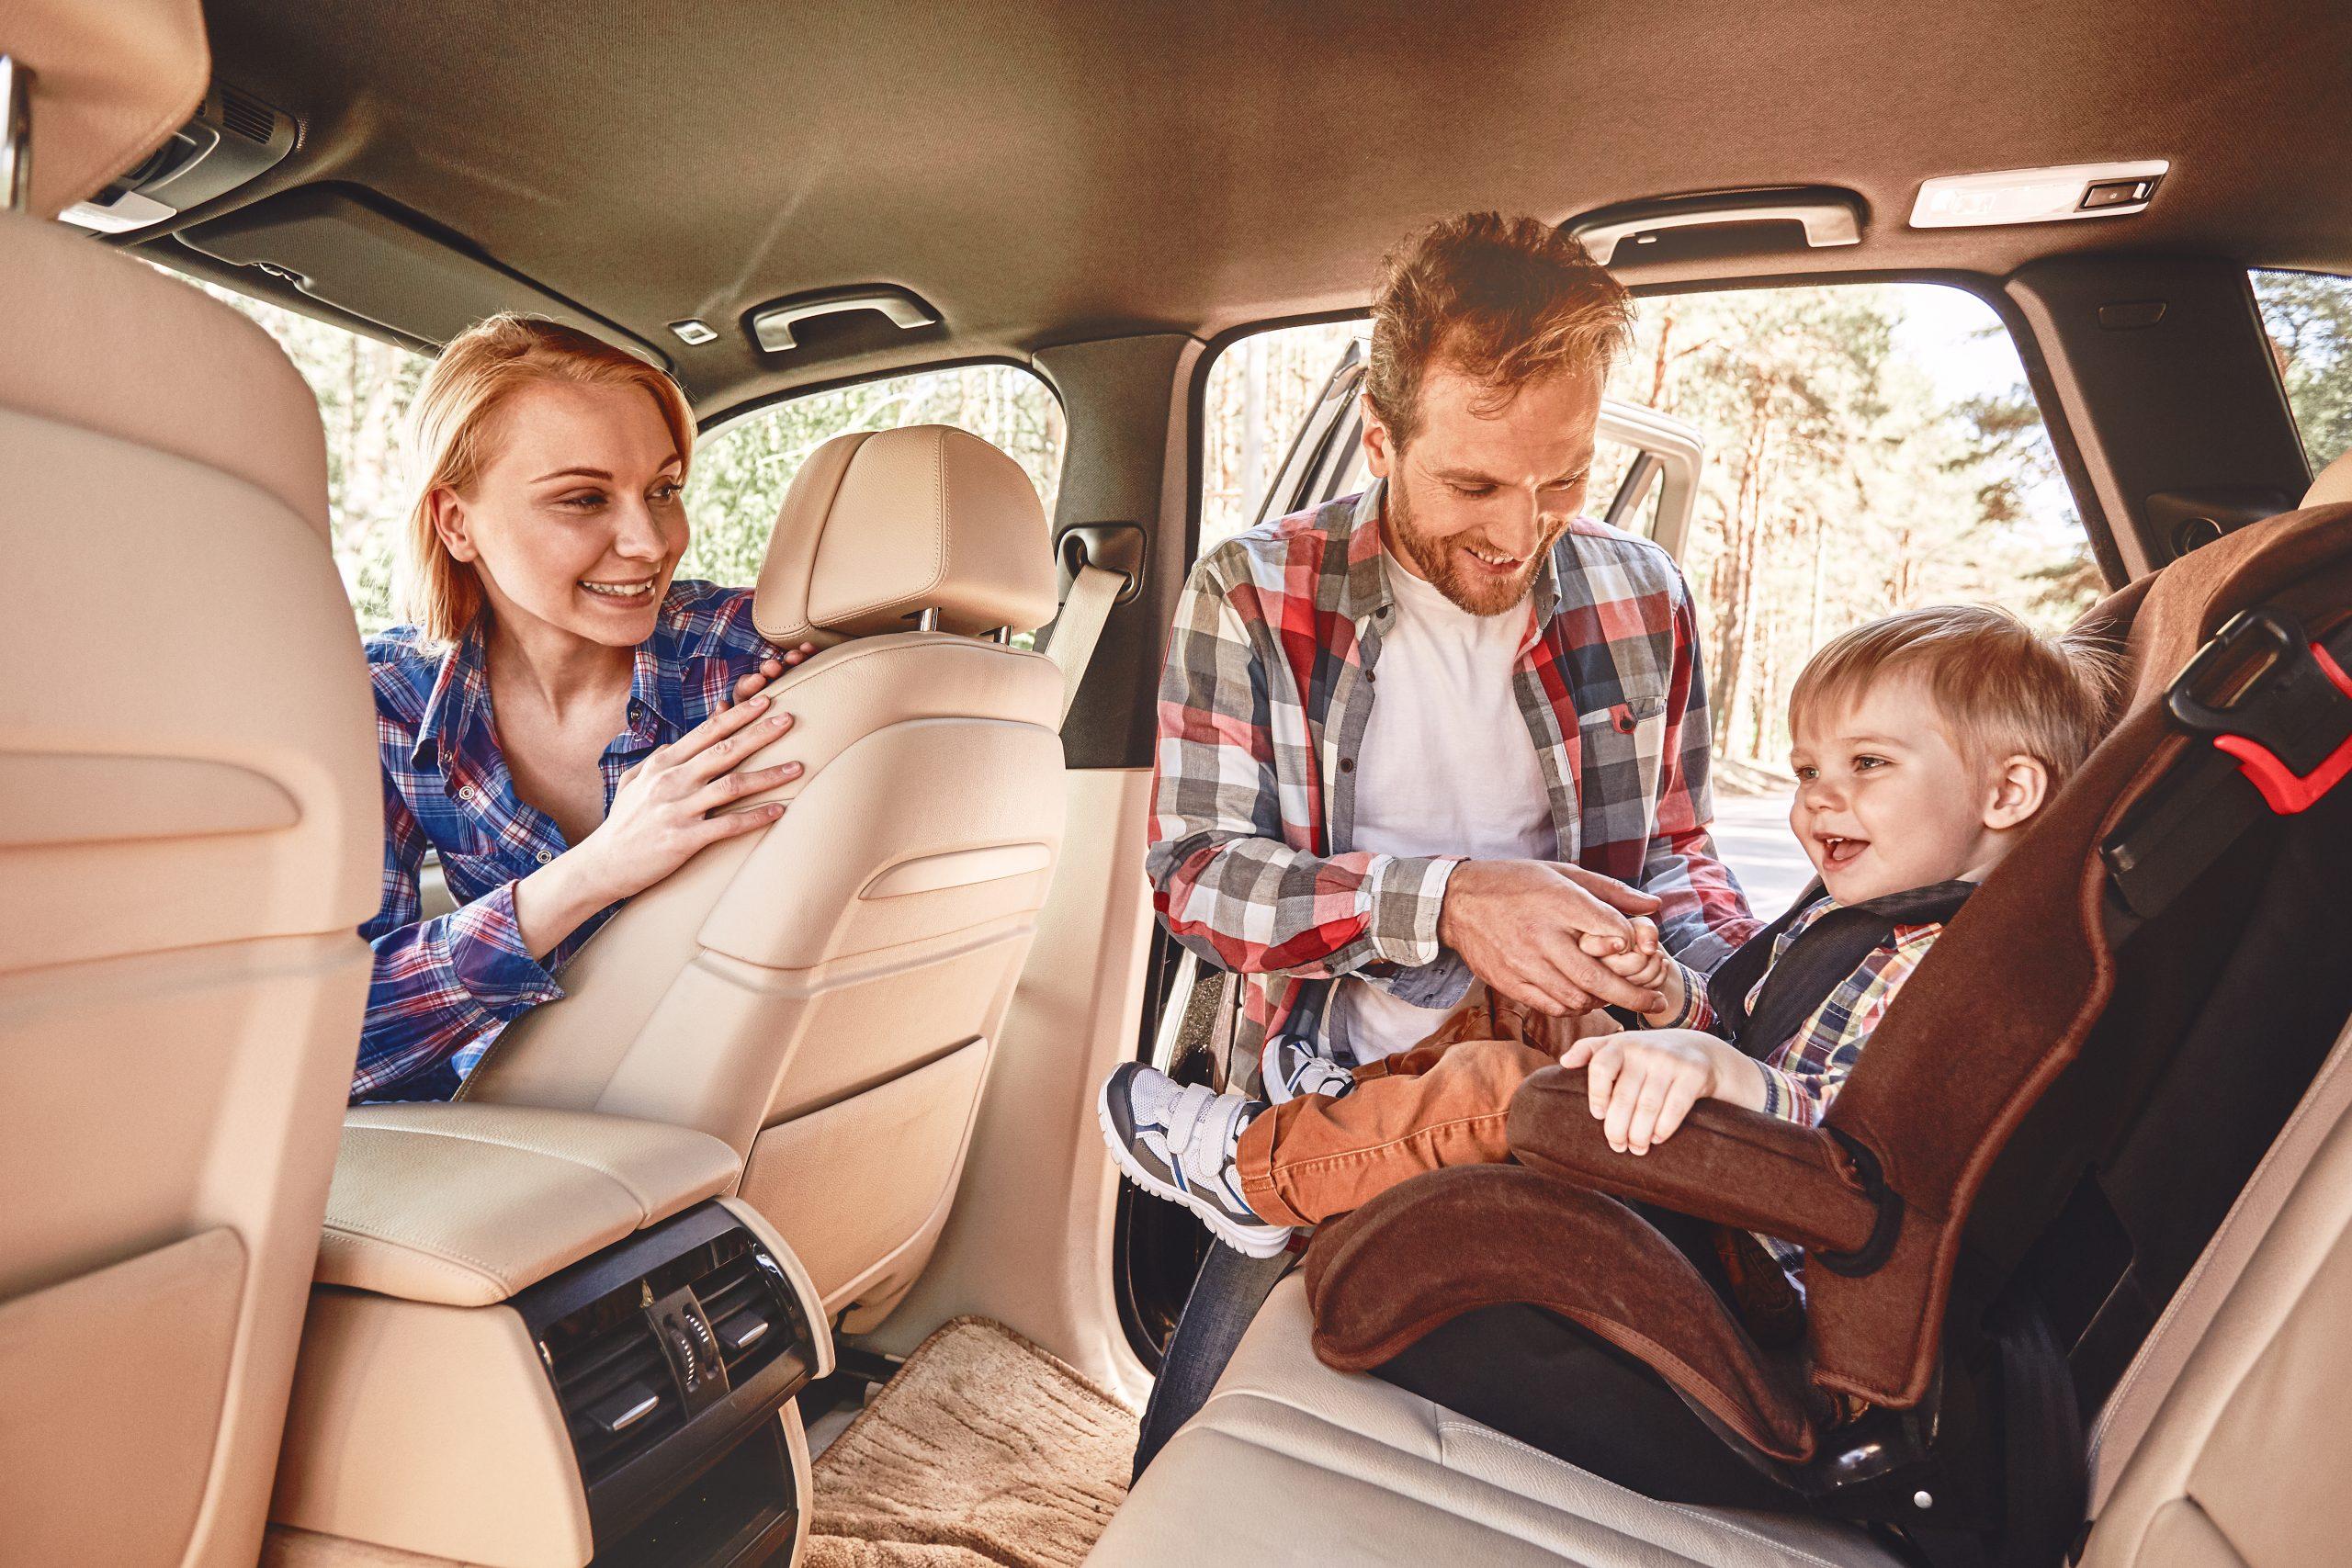 Le auto adatte ai bambini